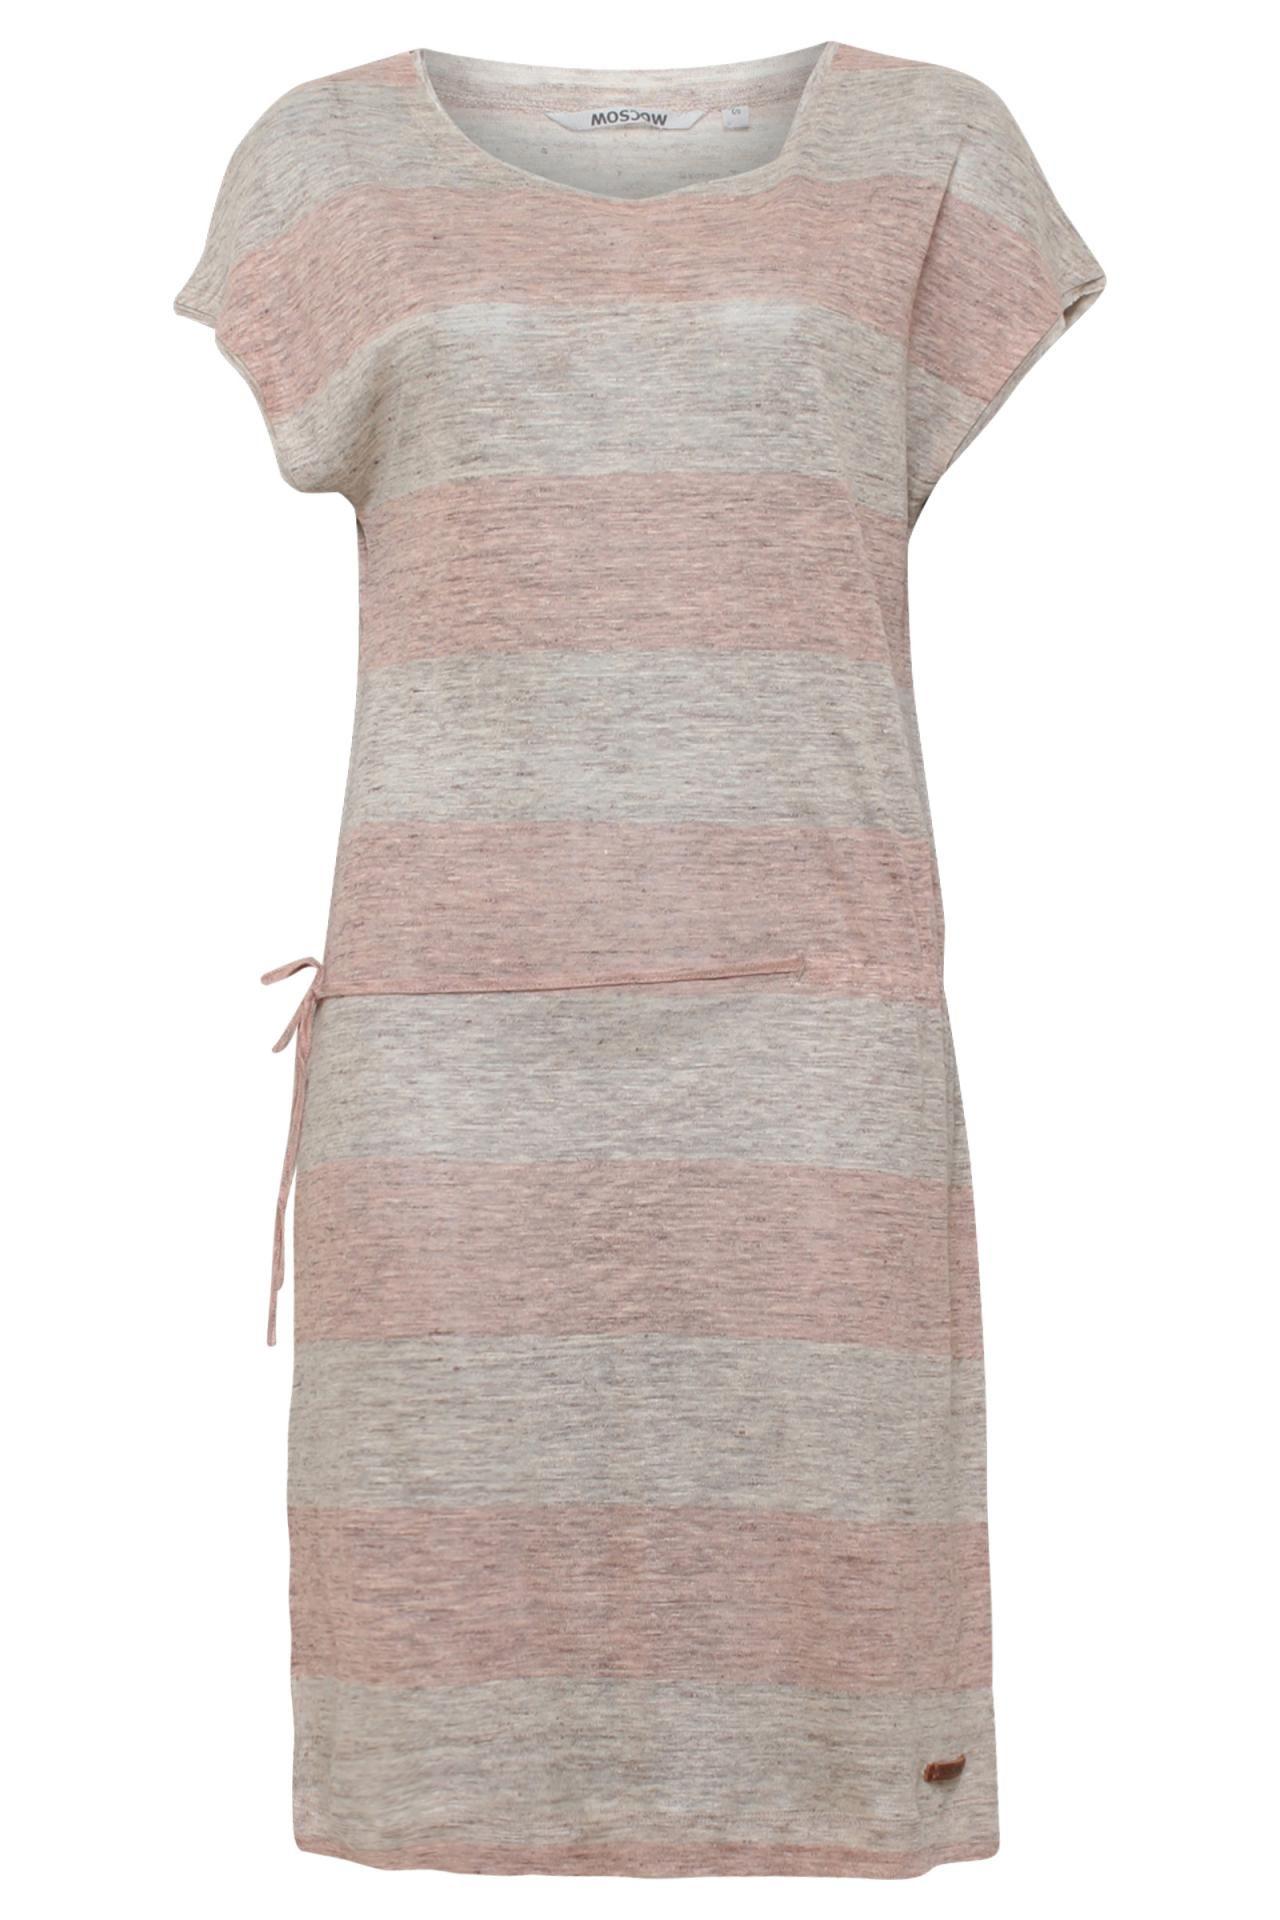 Roze met grijze gemeleerde linnen jurk in streep patroon van het ...